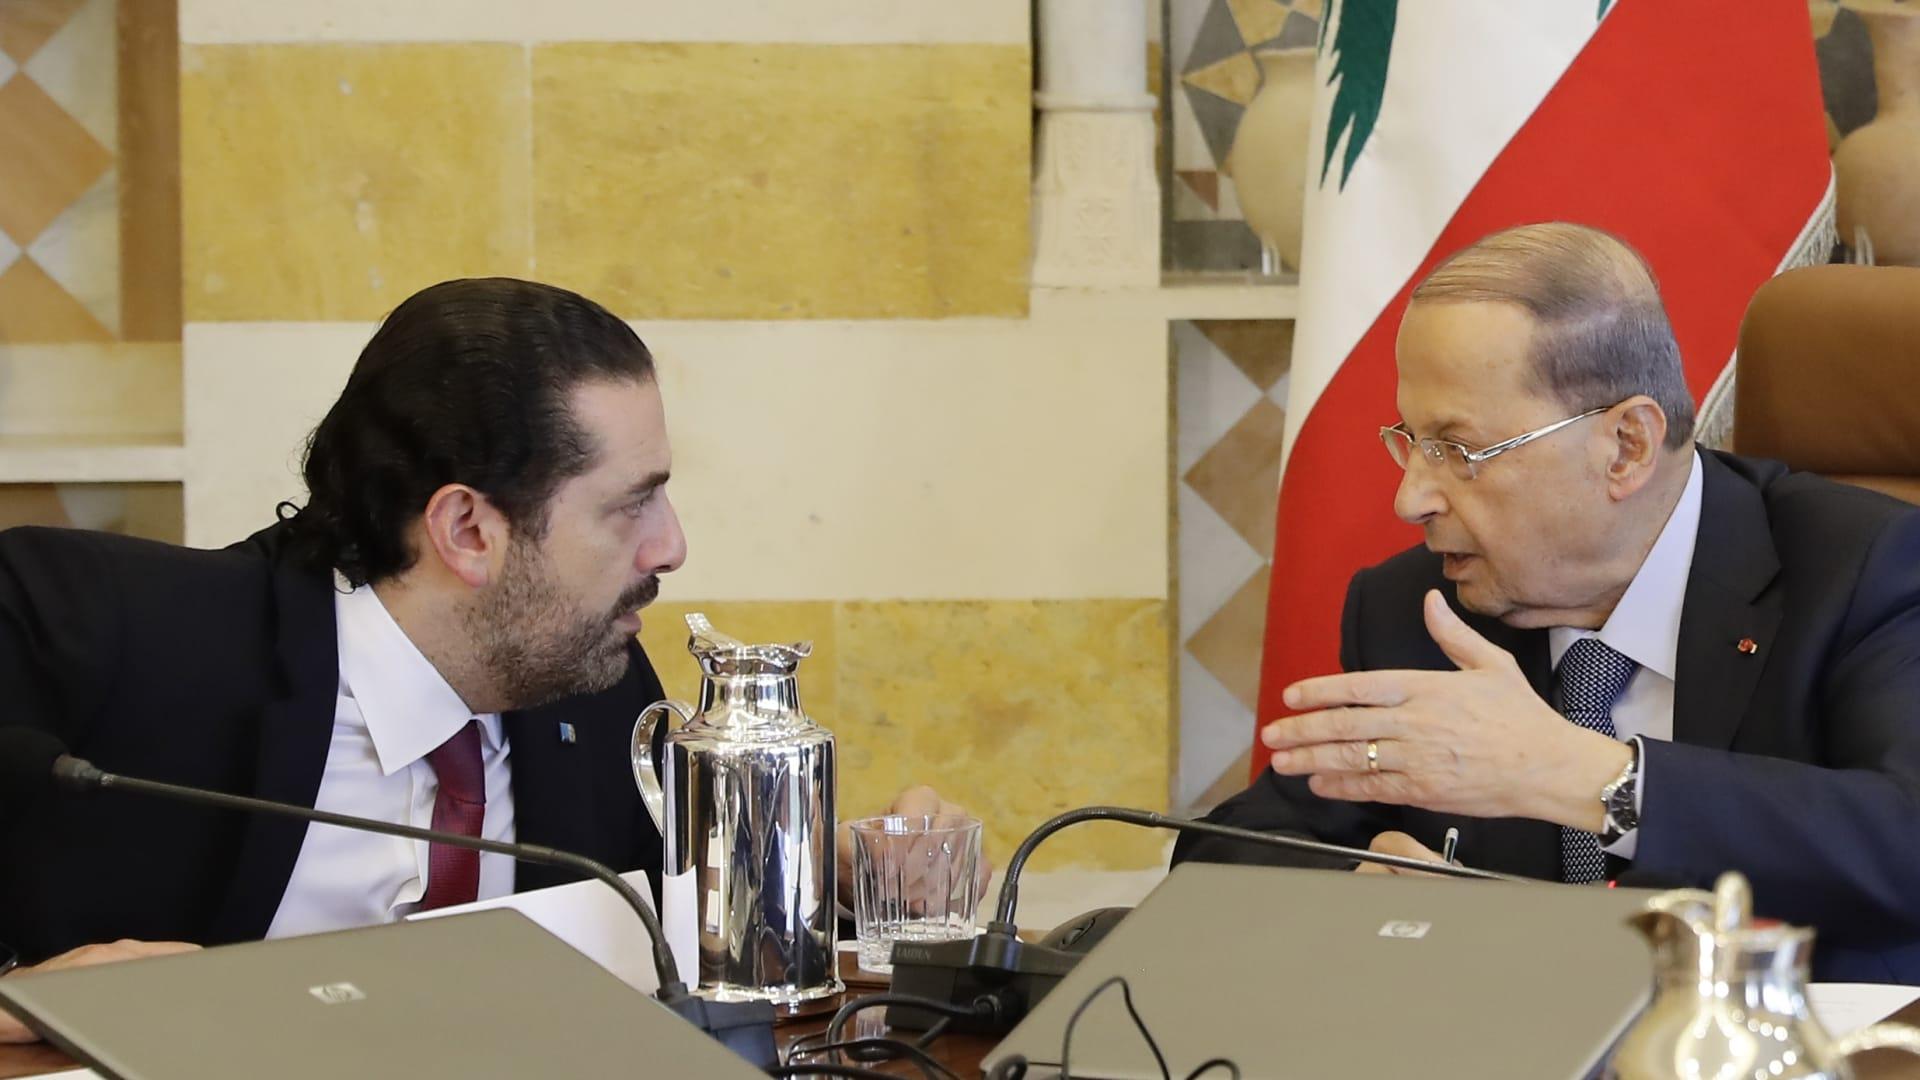 الرئاسة اللبنانية تهاجم سعد الحريري بعد انتقاده موقف ميشال عون من تشكيل الحكومة